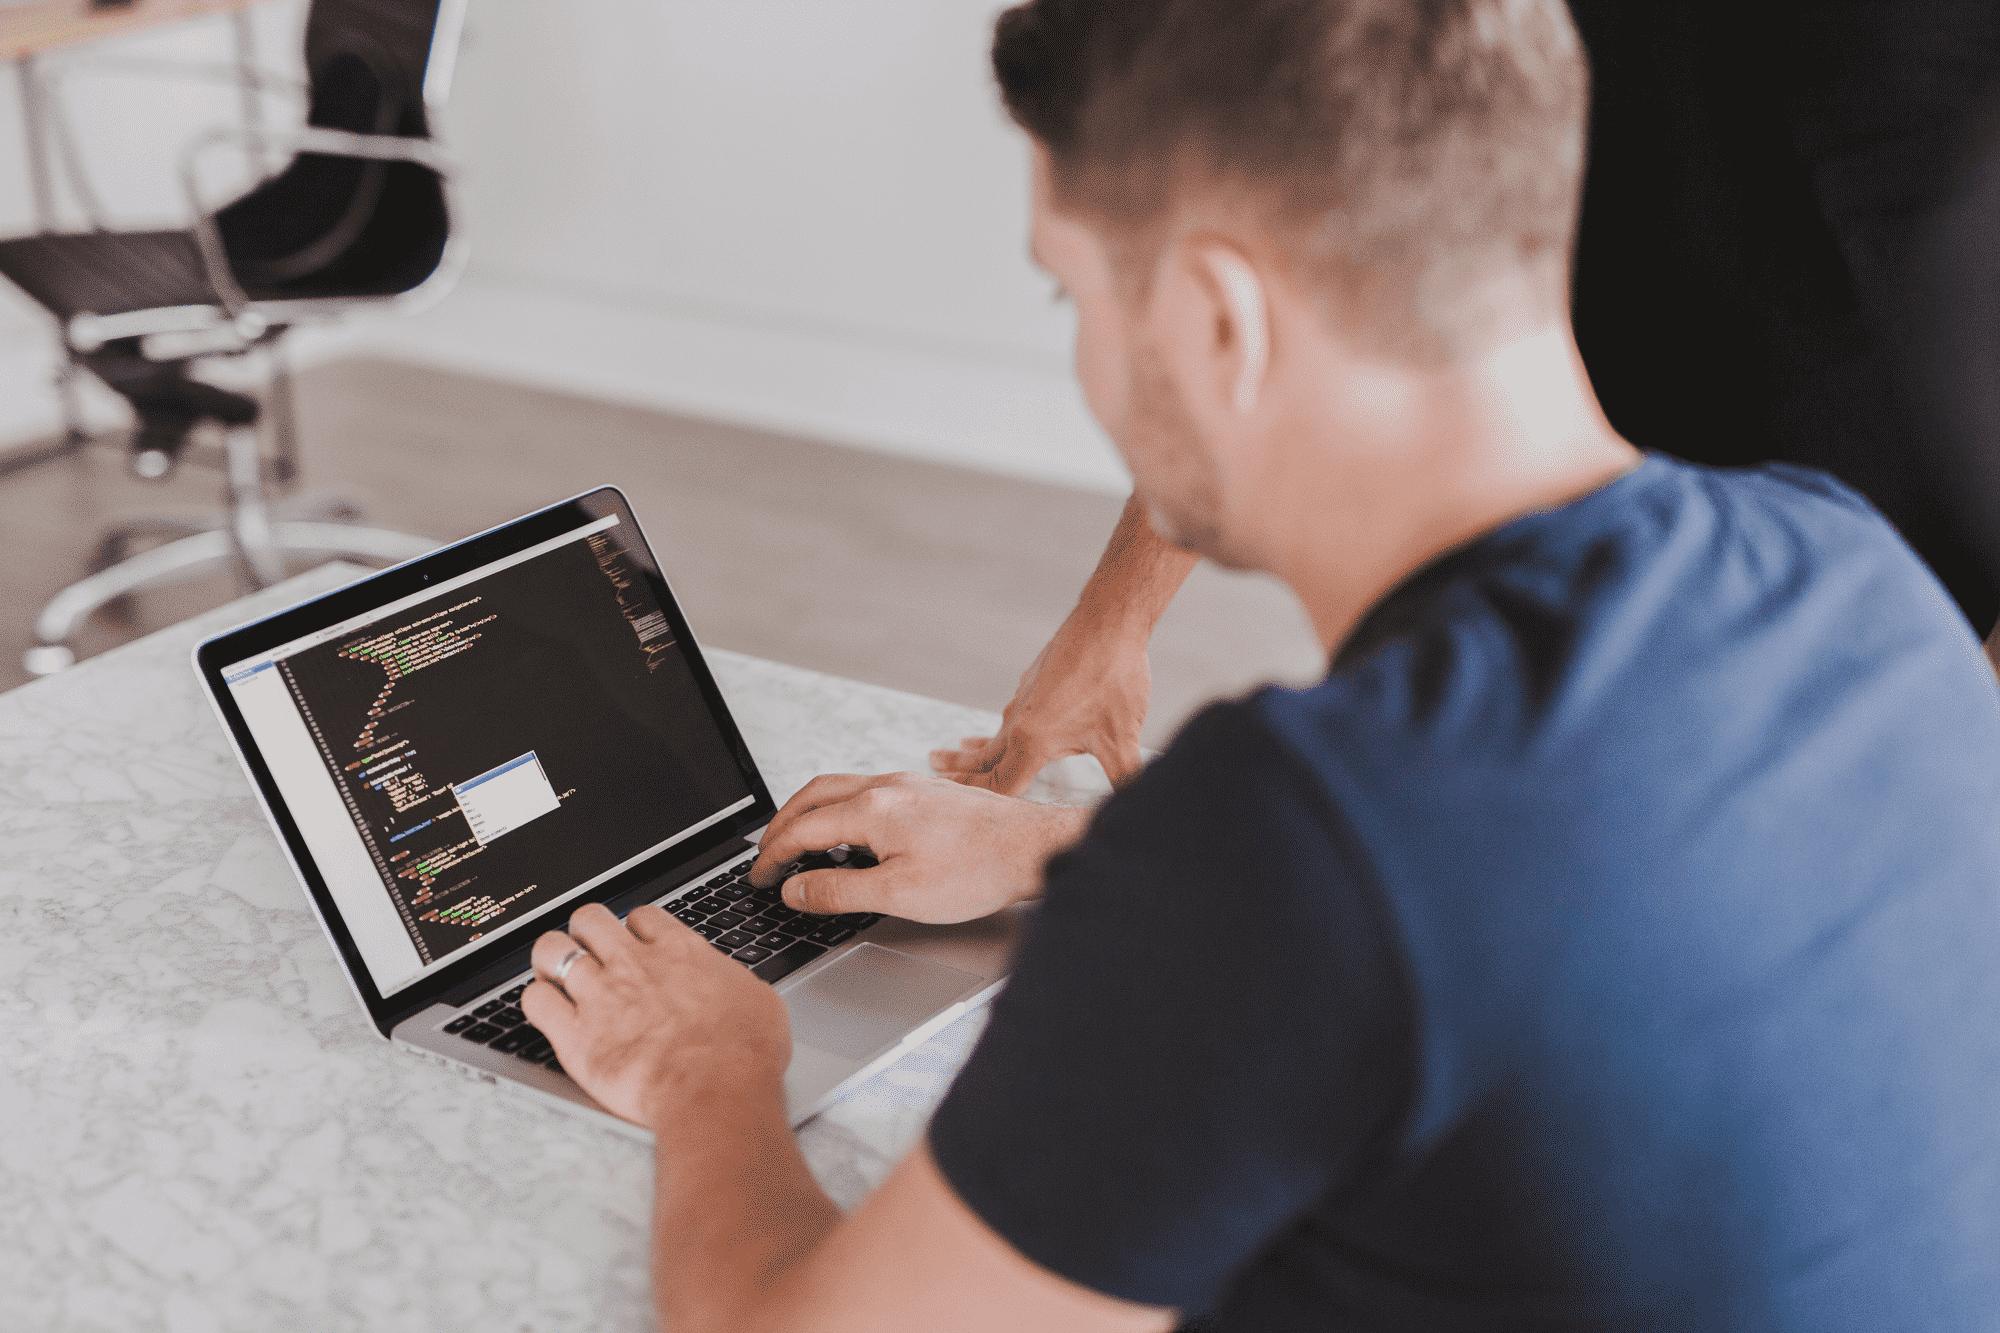 de training R & data mining